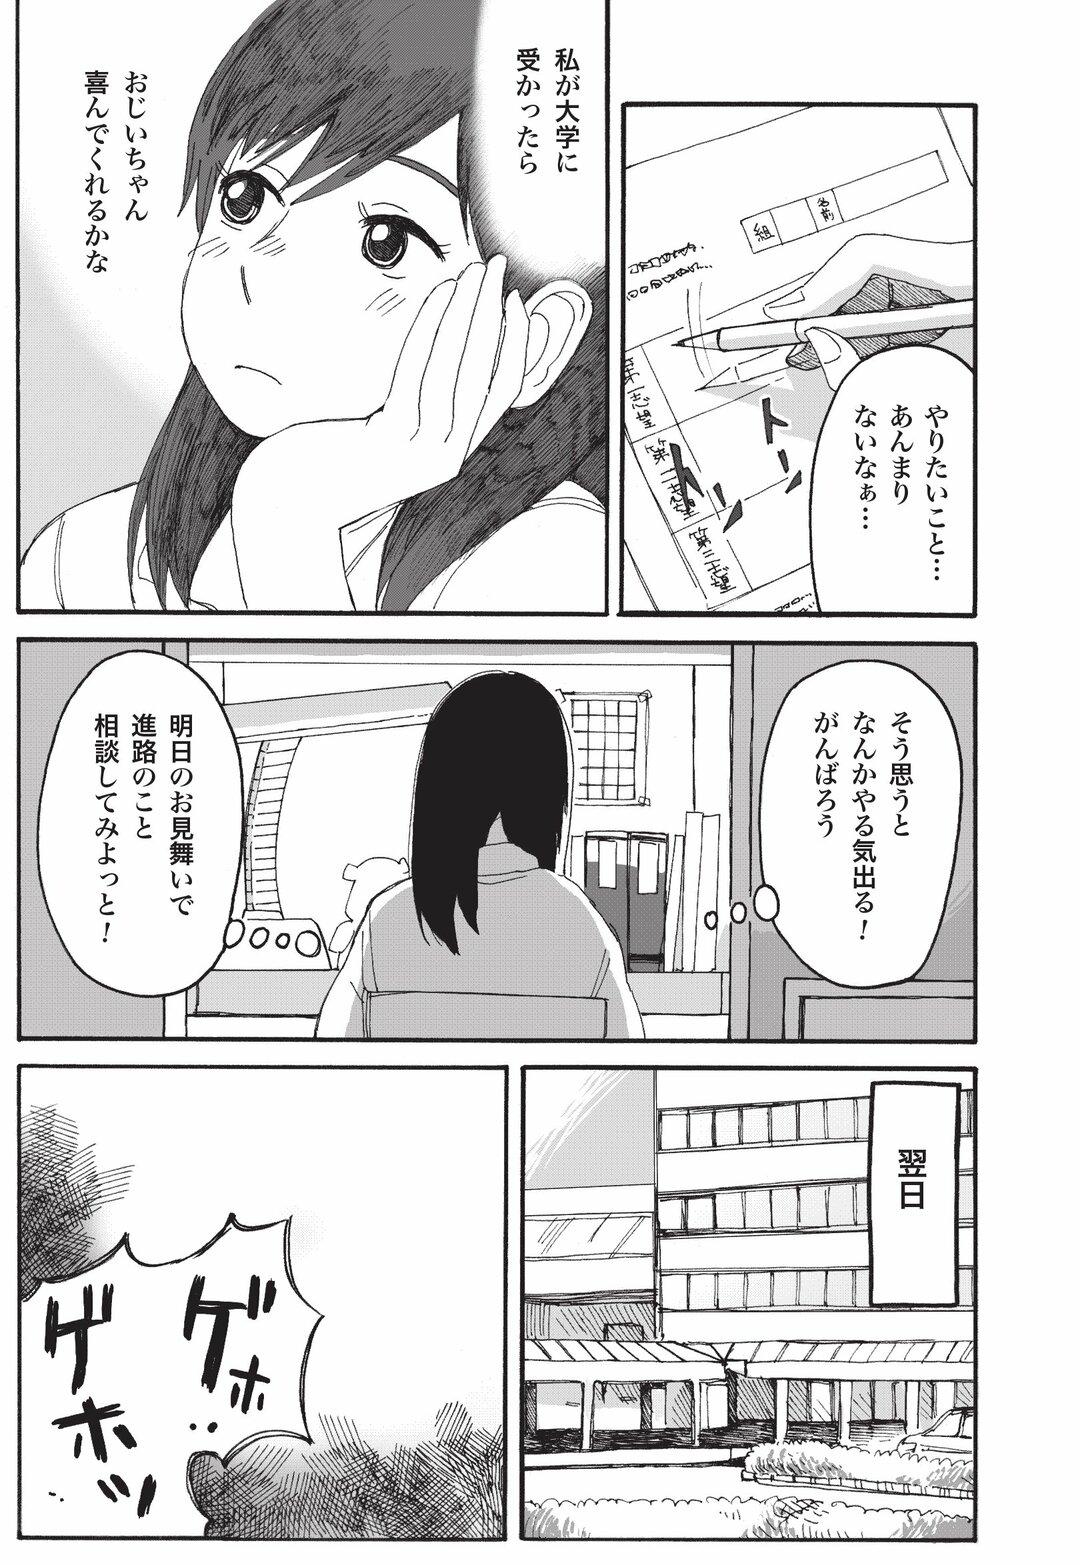 【マンガ】女子高校生の葛藤、病で苦しむ祖父が安楽死をのぞんだら…